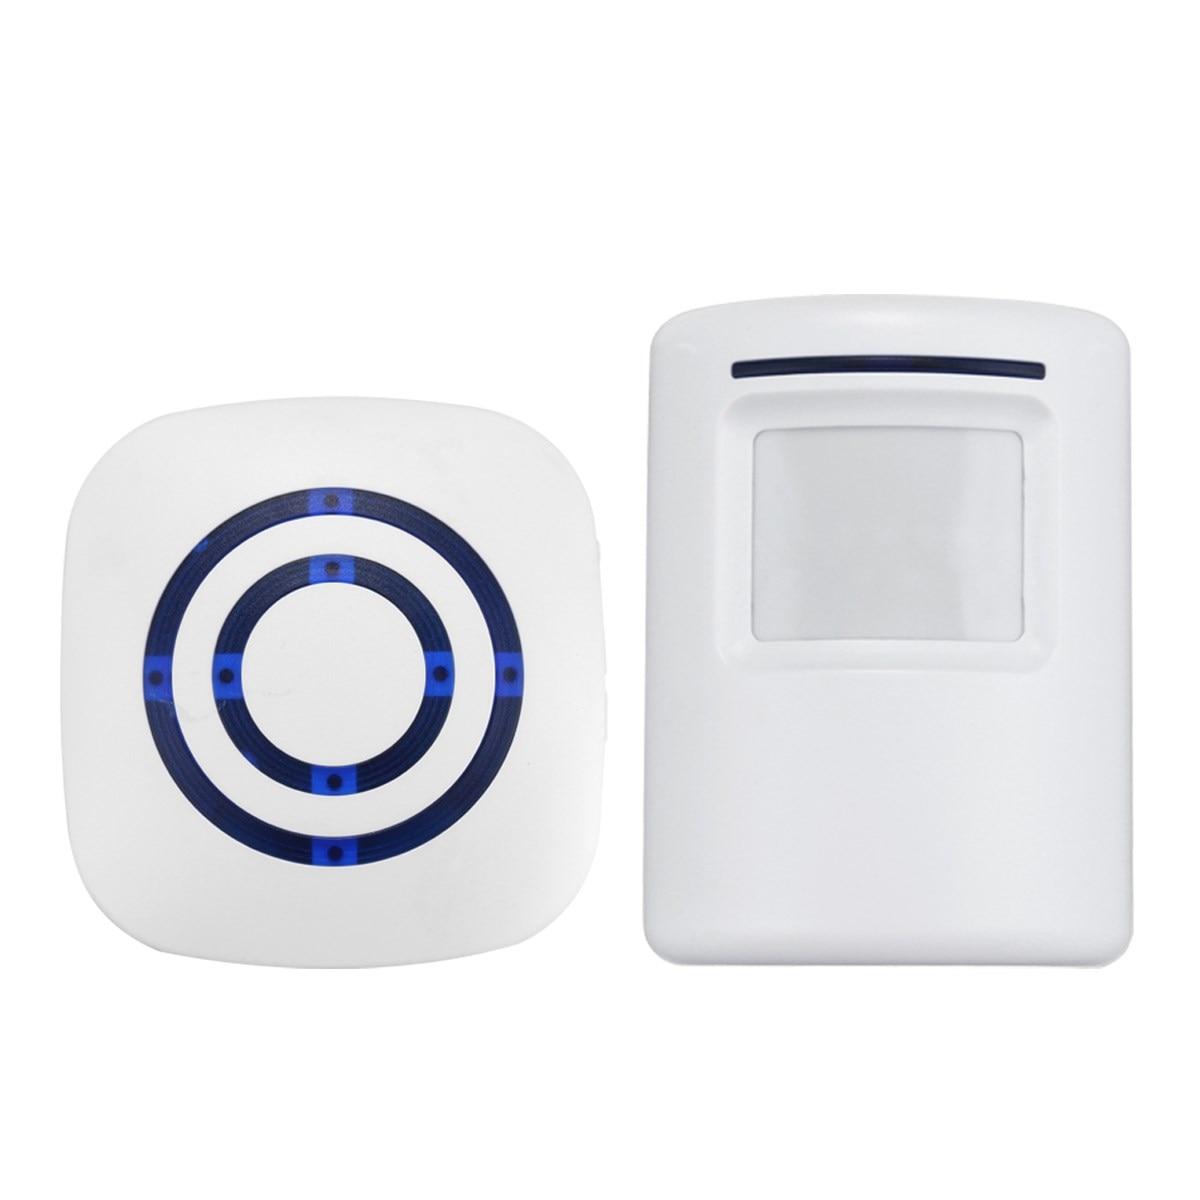 Seguro detector del sensor de movimiento inalámbrico puerta de entrada de la campana Bienvenido Chime alarma domótica seguridad